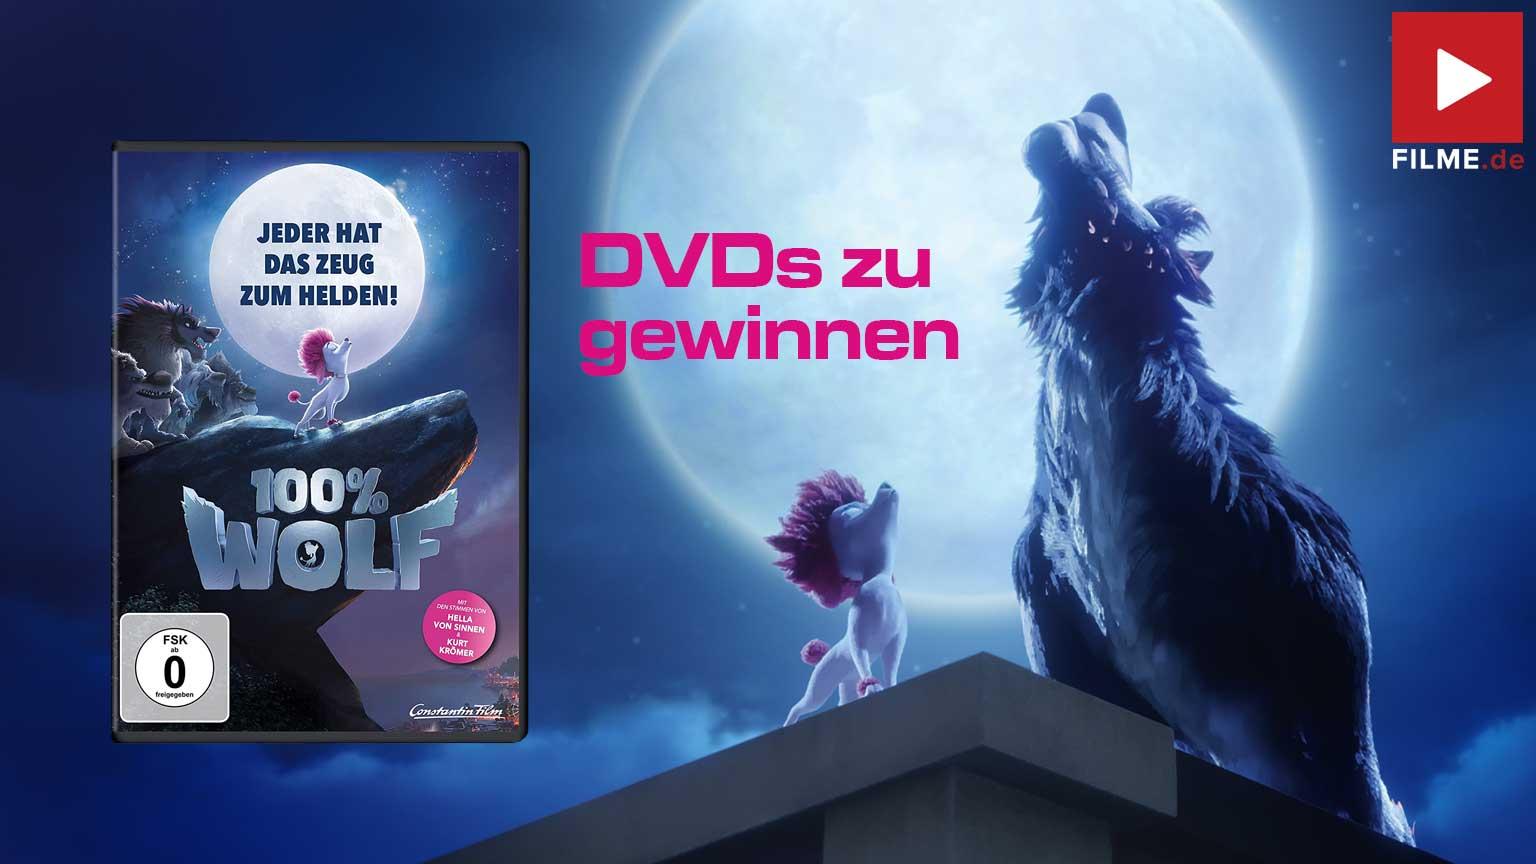 100% WOLF Film 2021 Gewinnspiel gewinnen DVD Artikelbild